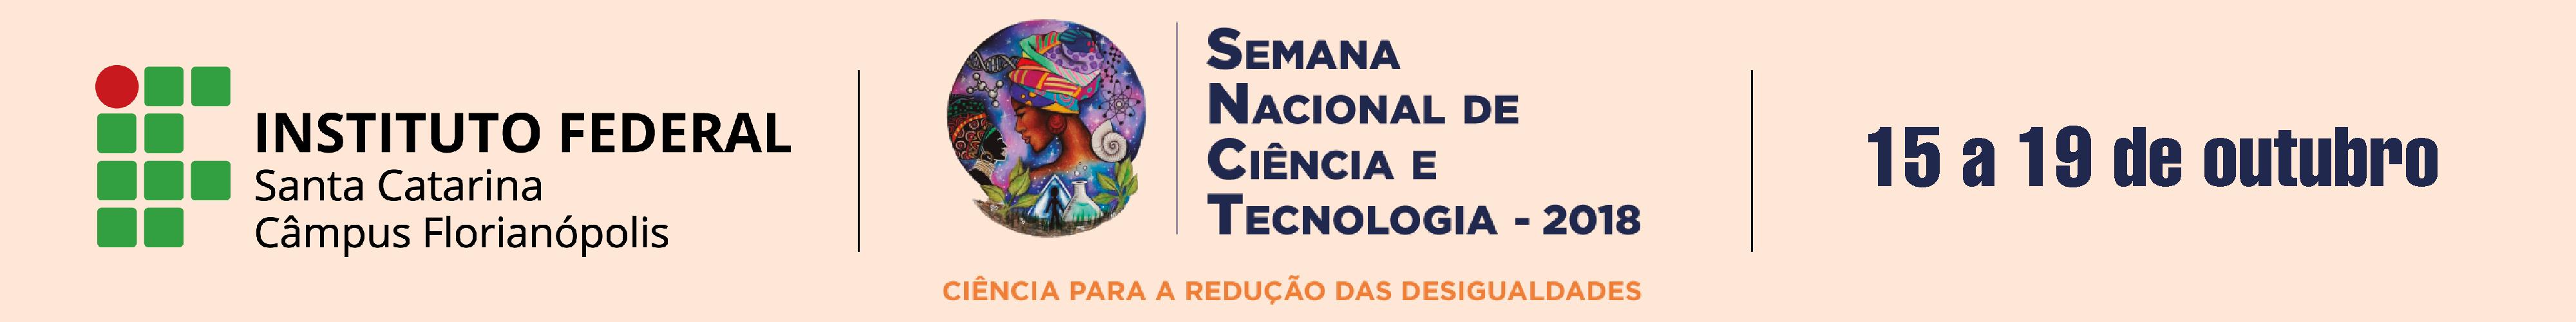 ..::Semana Nacional de Ciência e Tecnologia::..